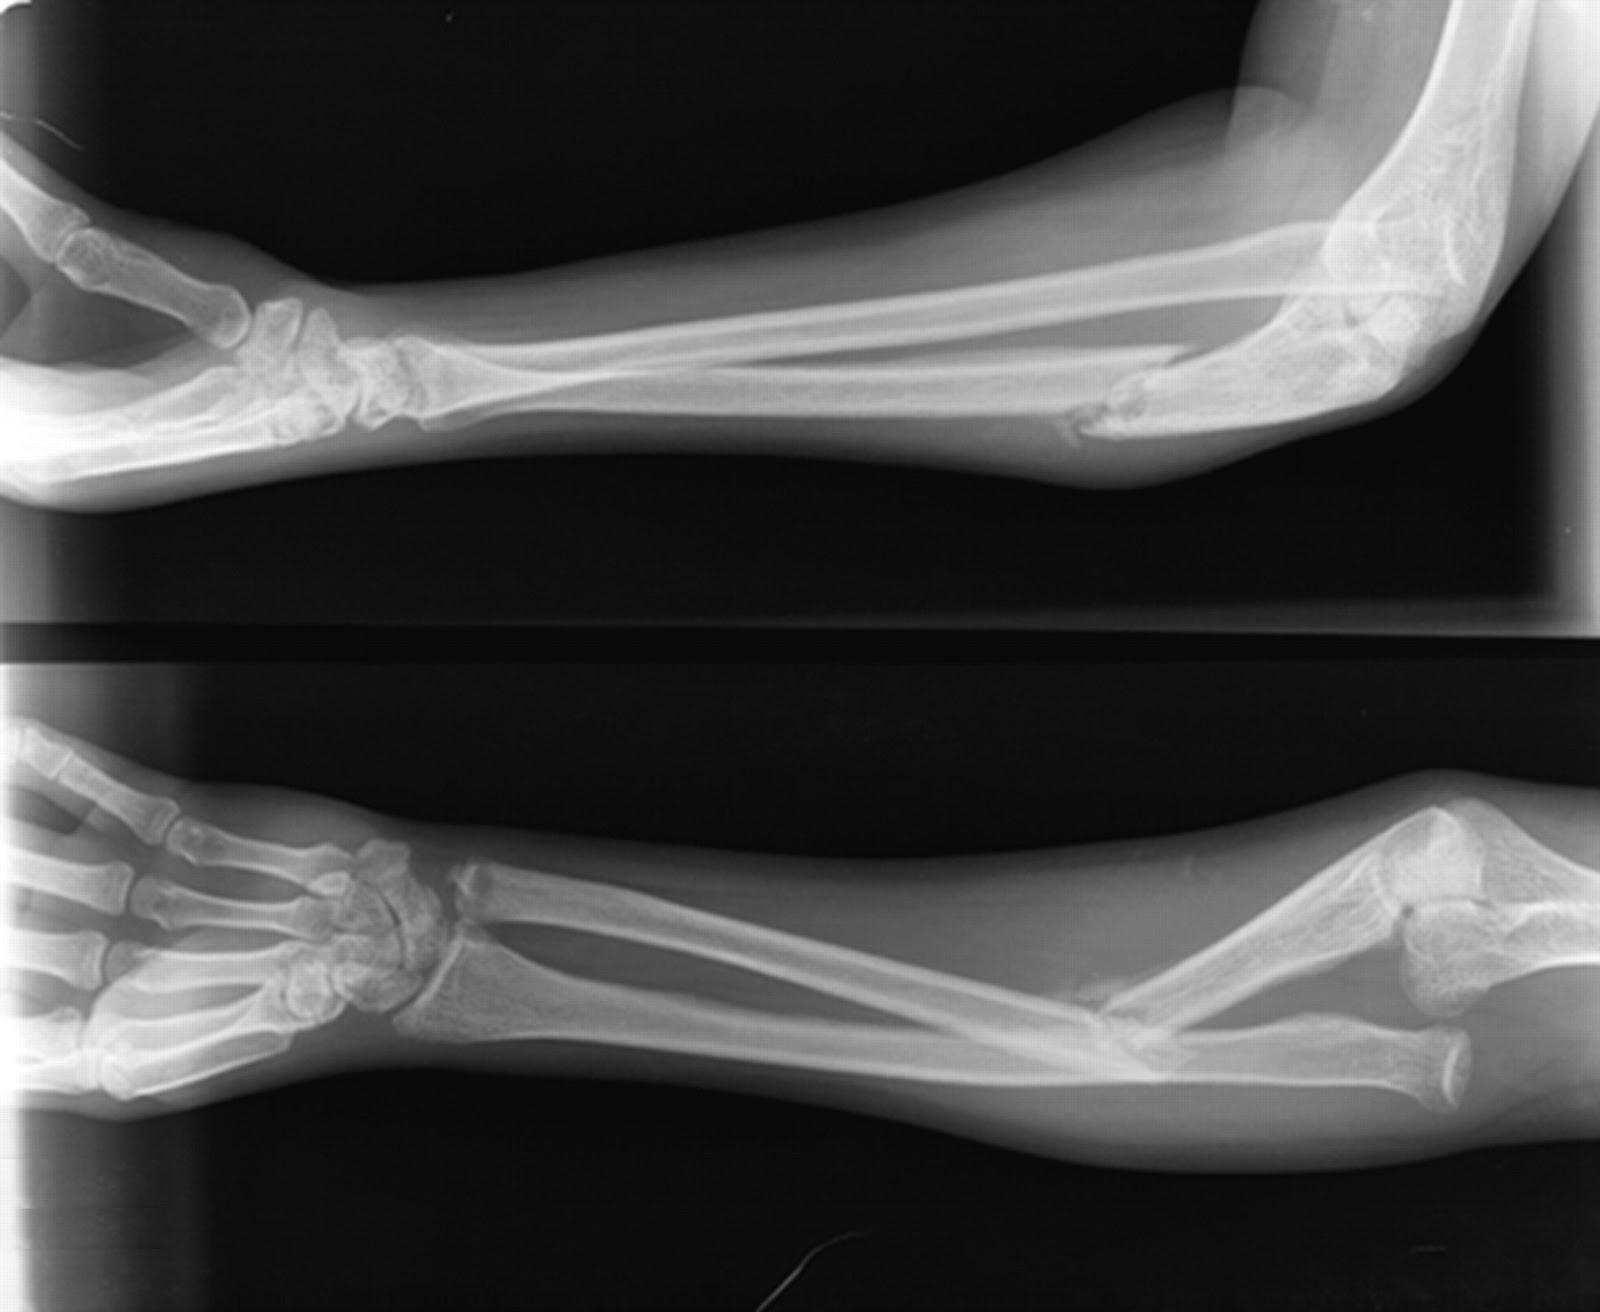 uždegimas sąnario mažąjį pirštą kairės rankos